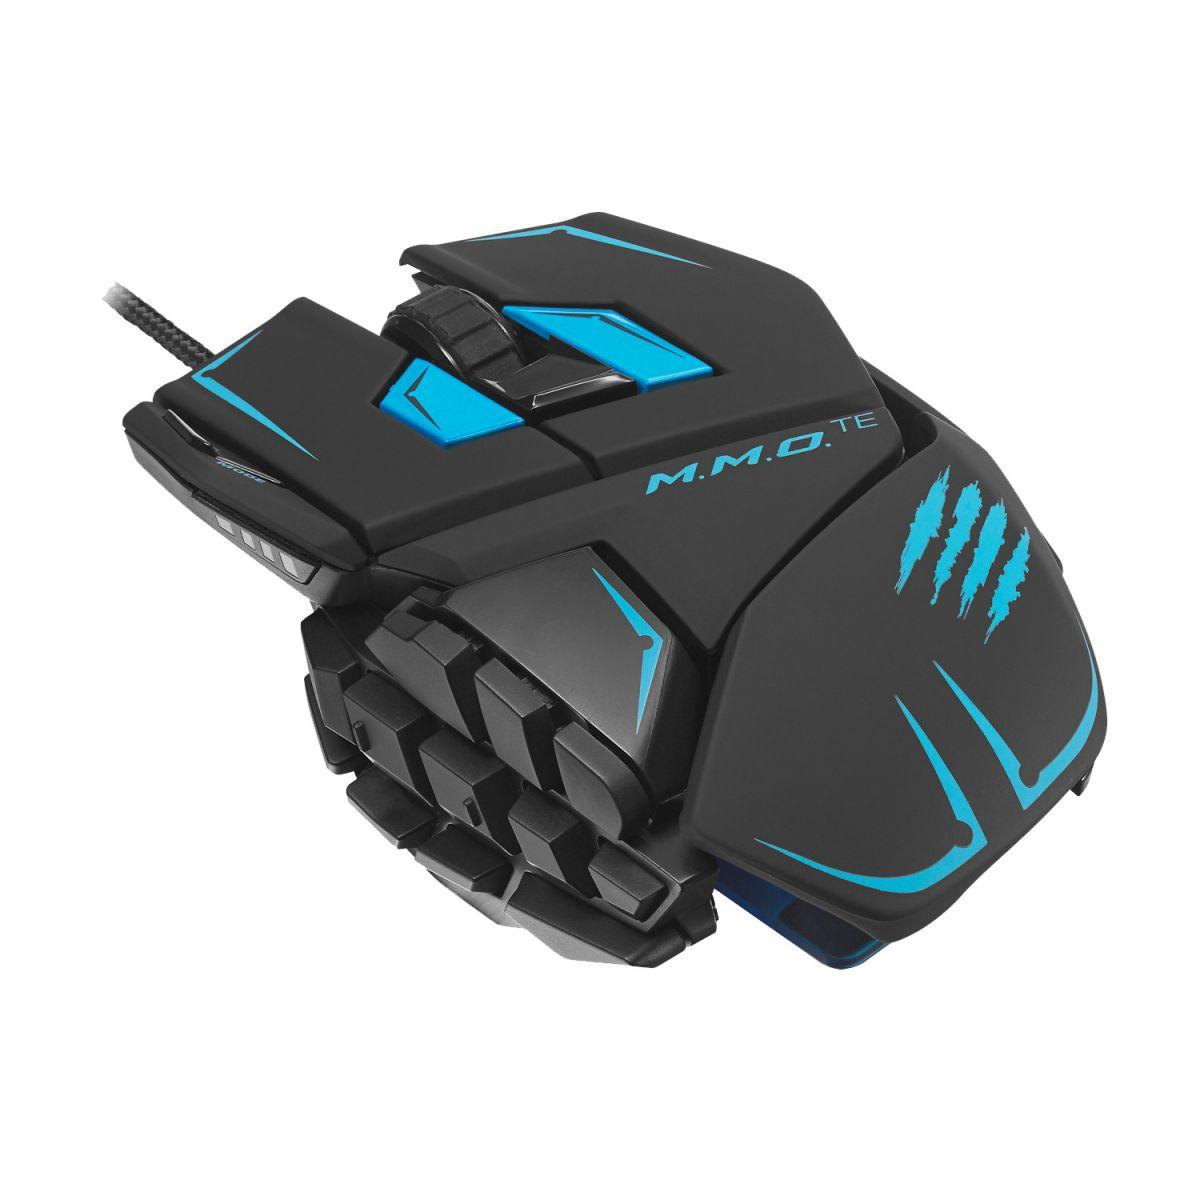 Mouse Gamer Laser Cyborg R.A.T. M.M.O. T.E 8200DPI (Ajustável/Superleve) MCB437140002 - Mad Catz